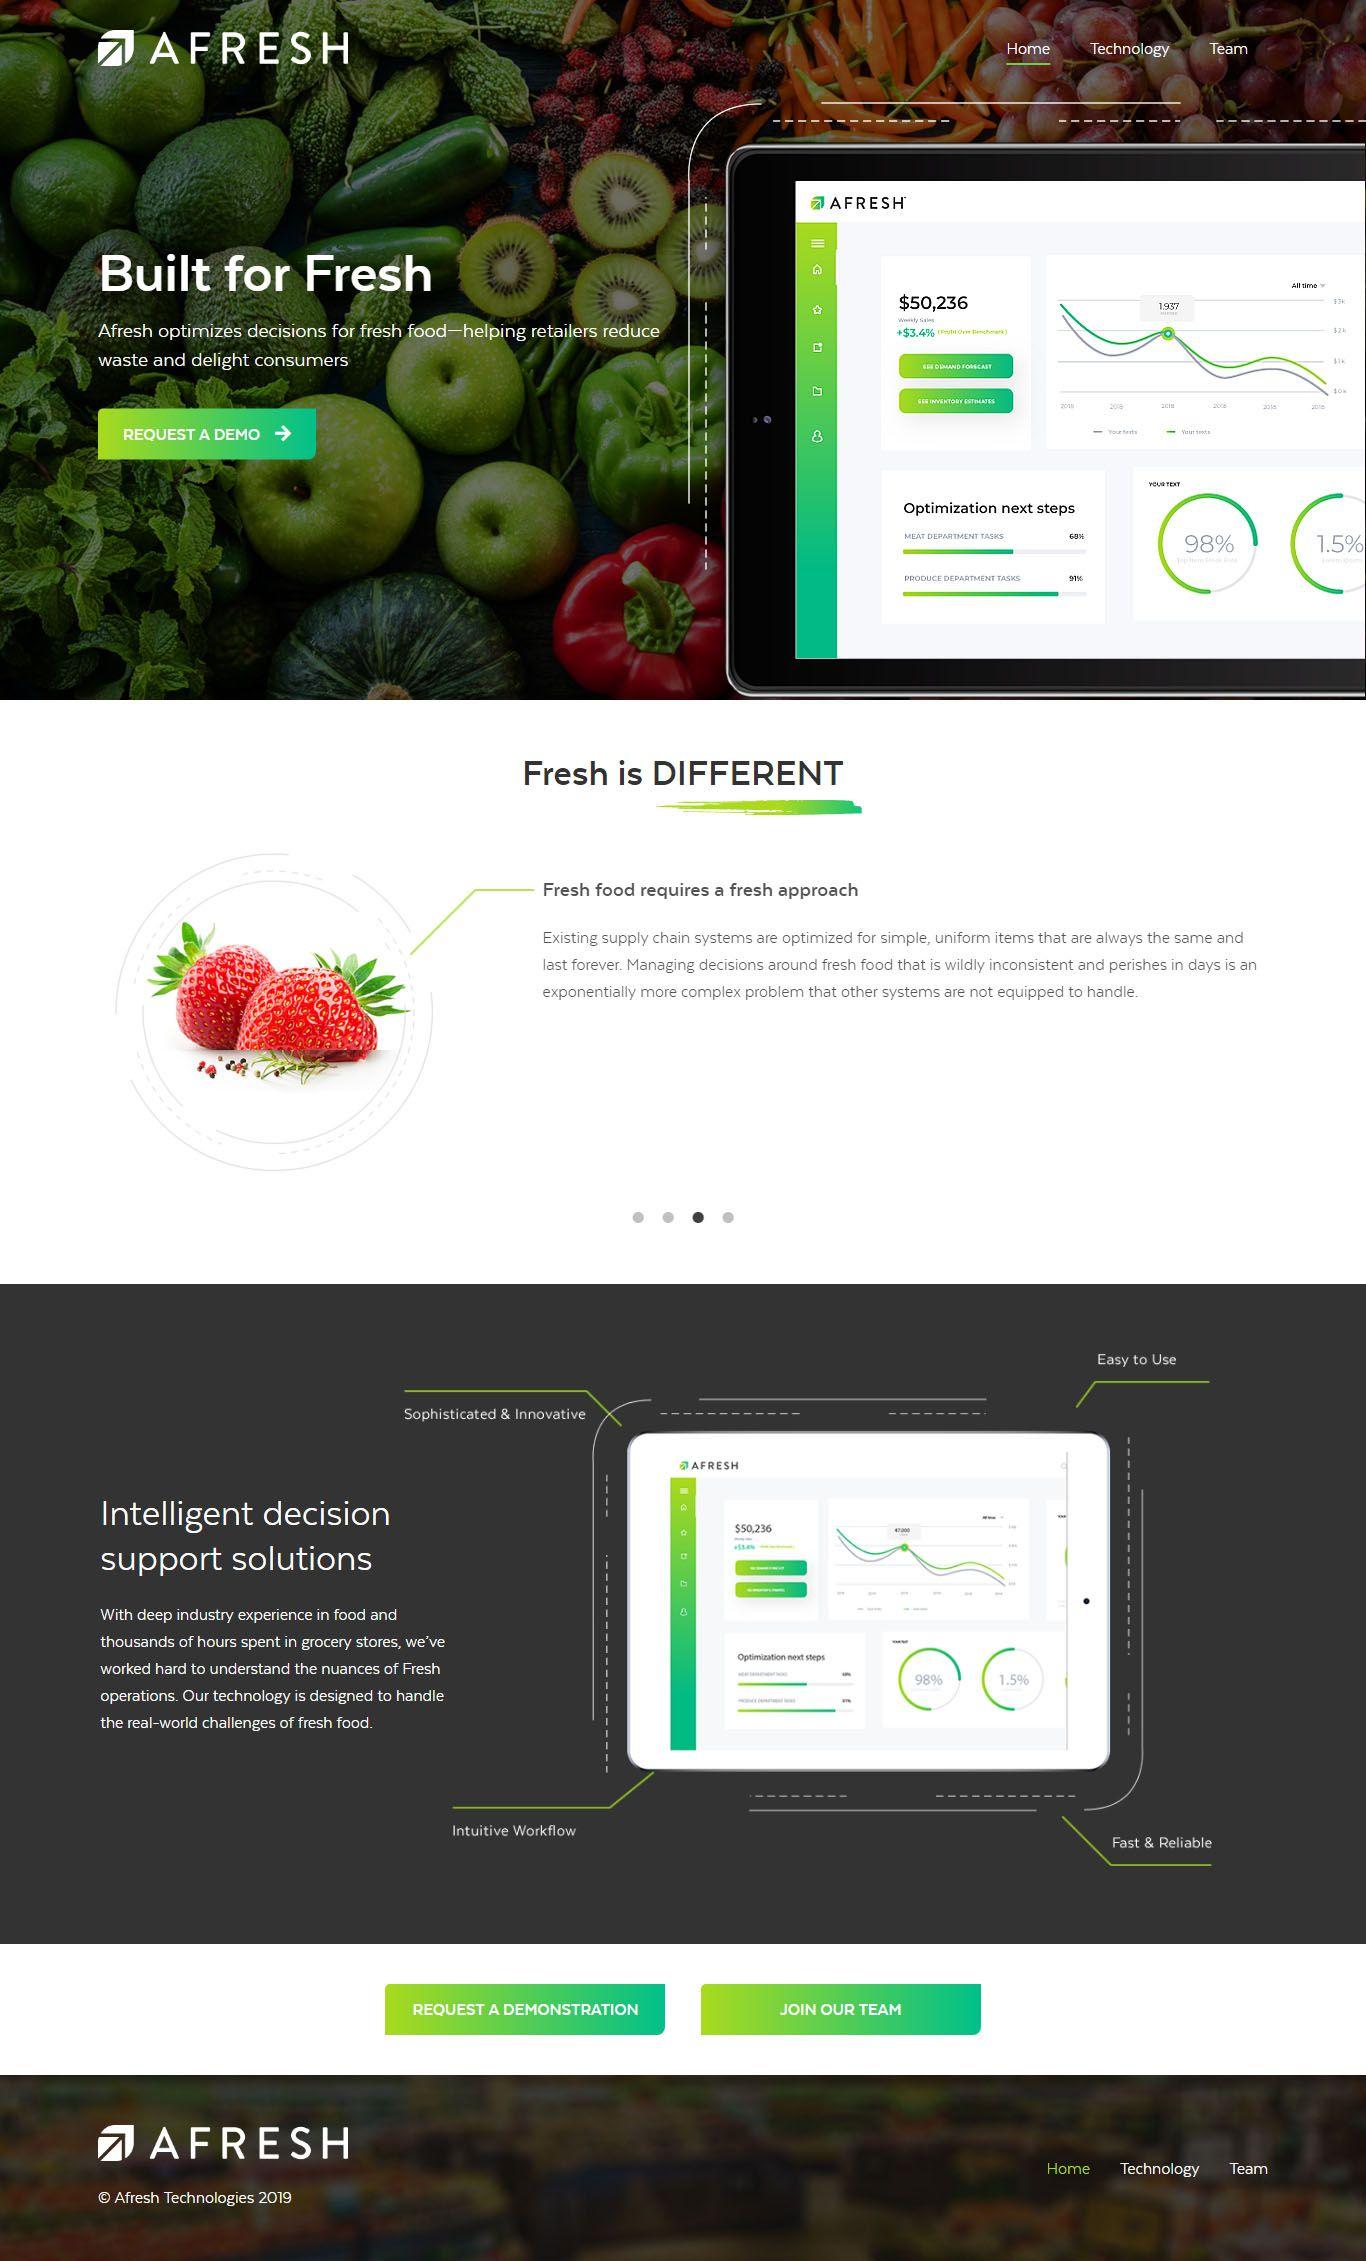 Seattle Web Design Web Development Seattle Seattle Web Design Firms Web Design Seattle Seattle Web Development C Web Design Firm Web Design Web Development